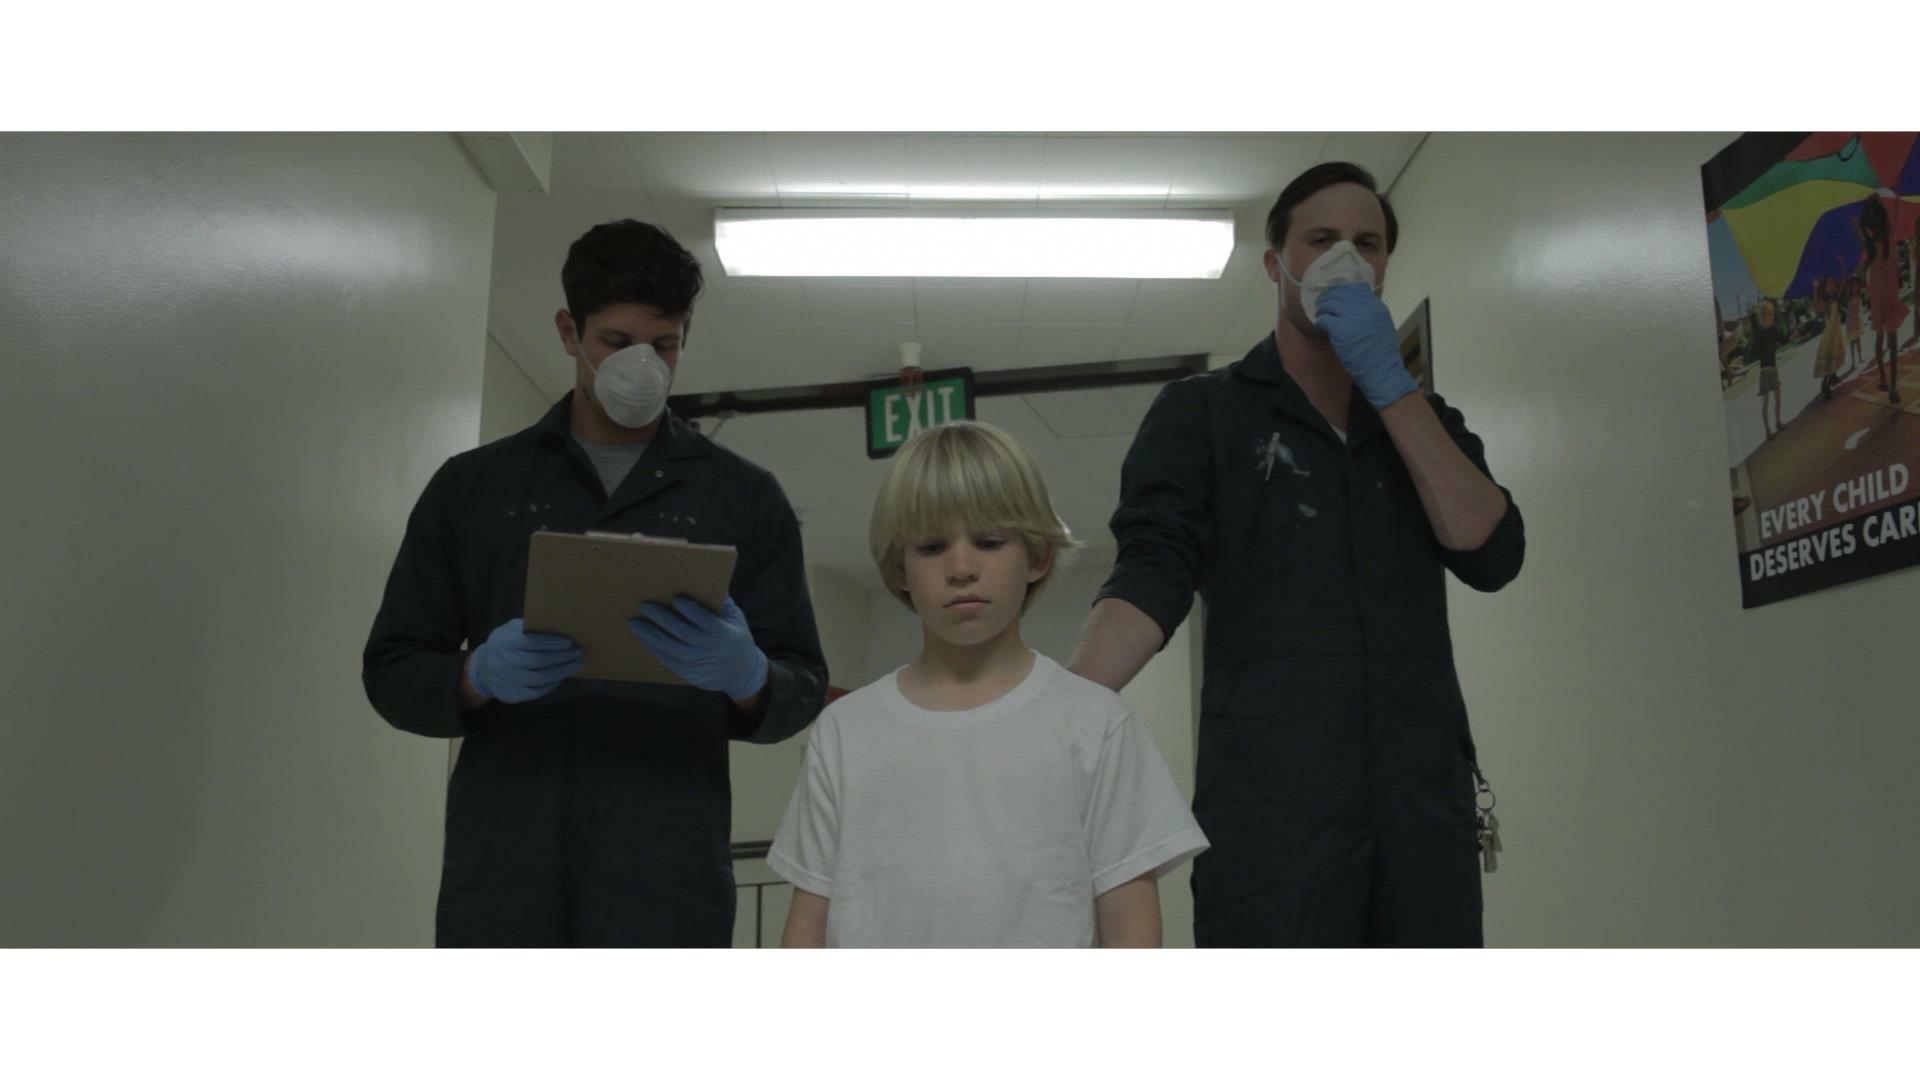 A scene from Adam Gold's film